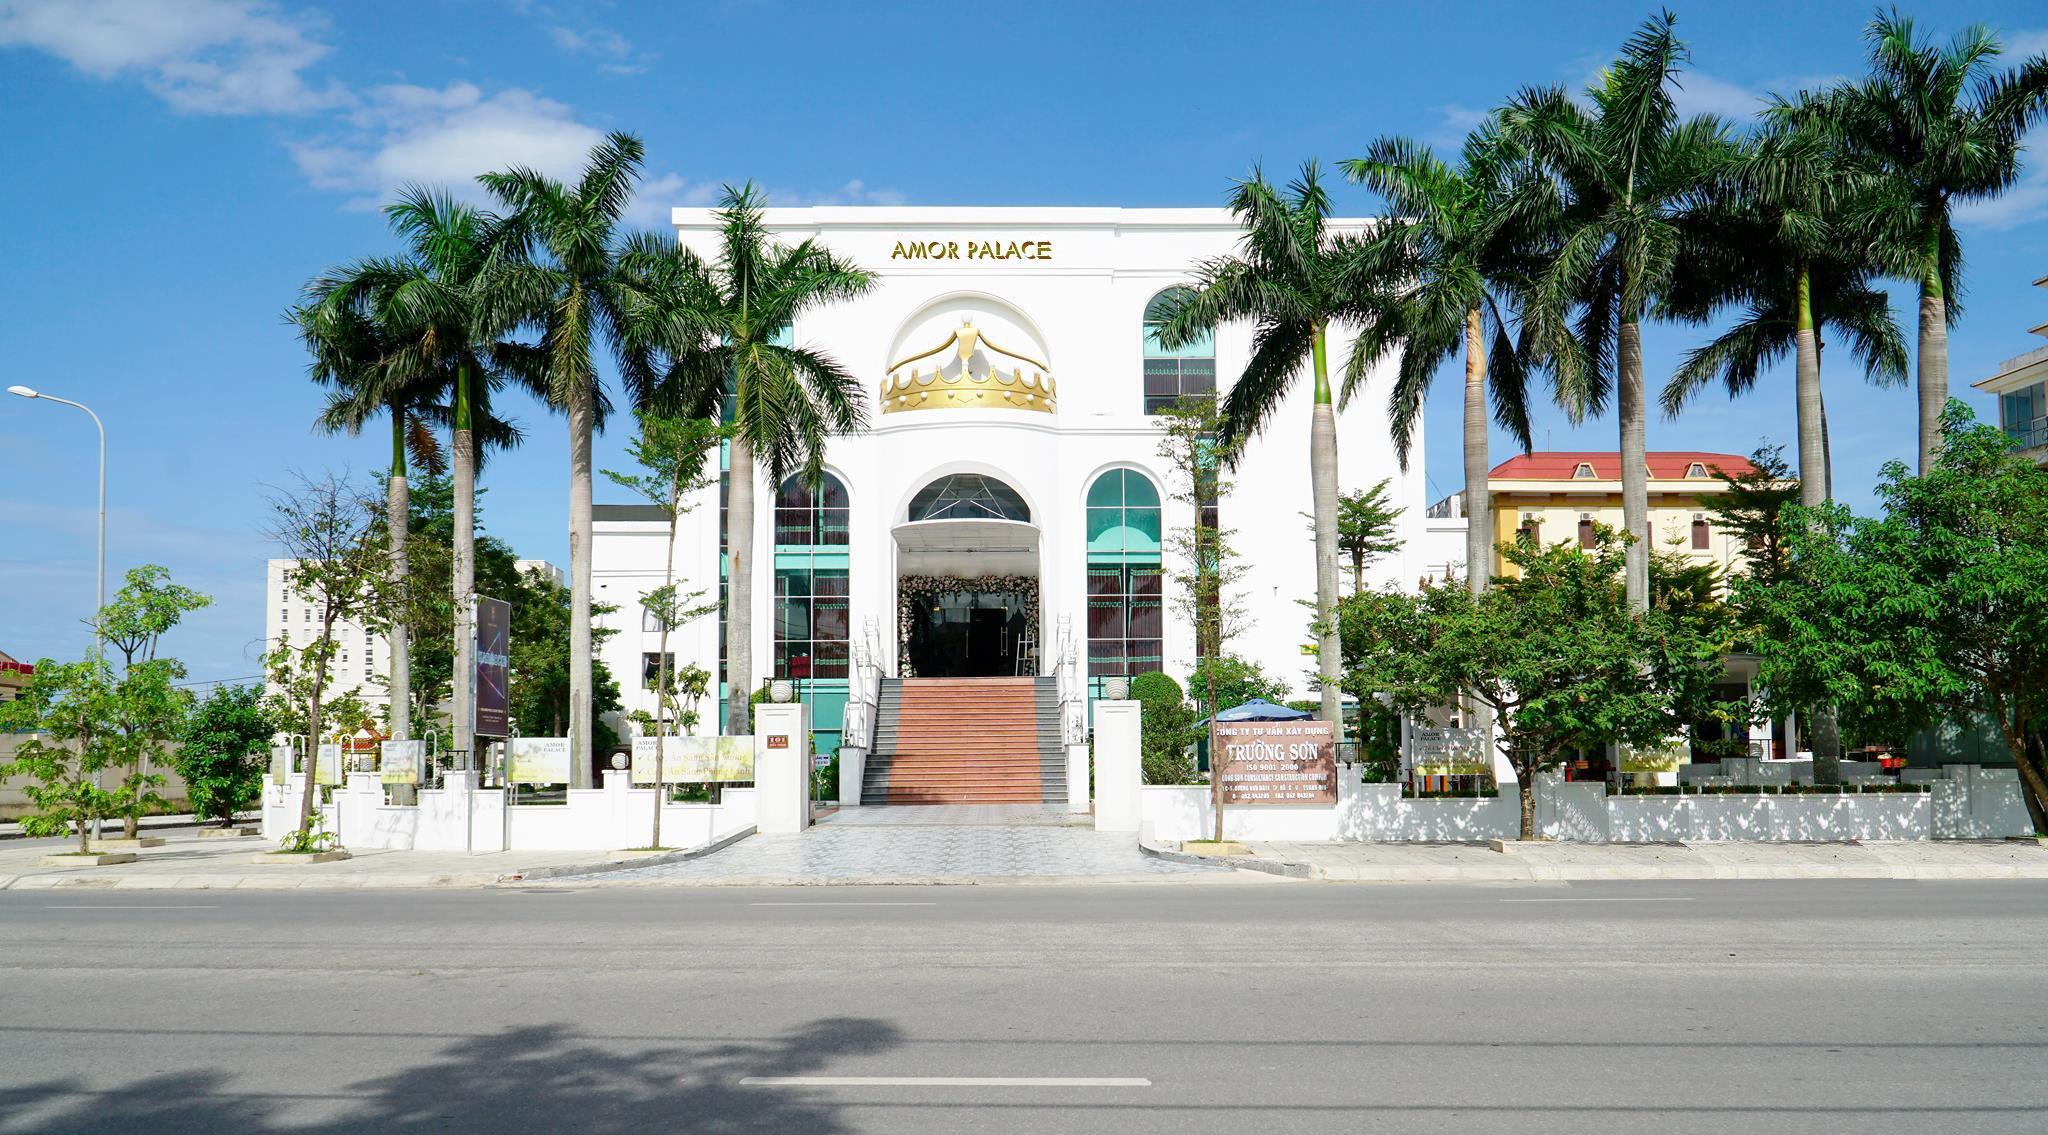 Trung tâm hội nghị, nhà hàng tiệc cưới Amor Palace